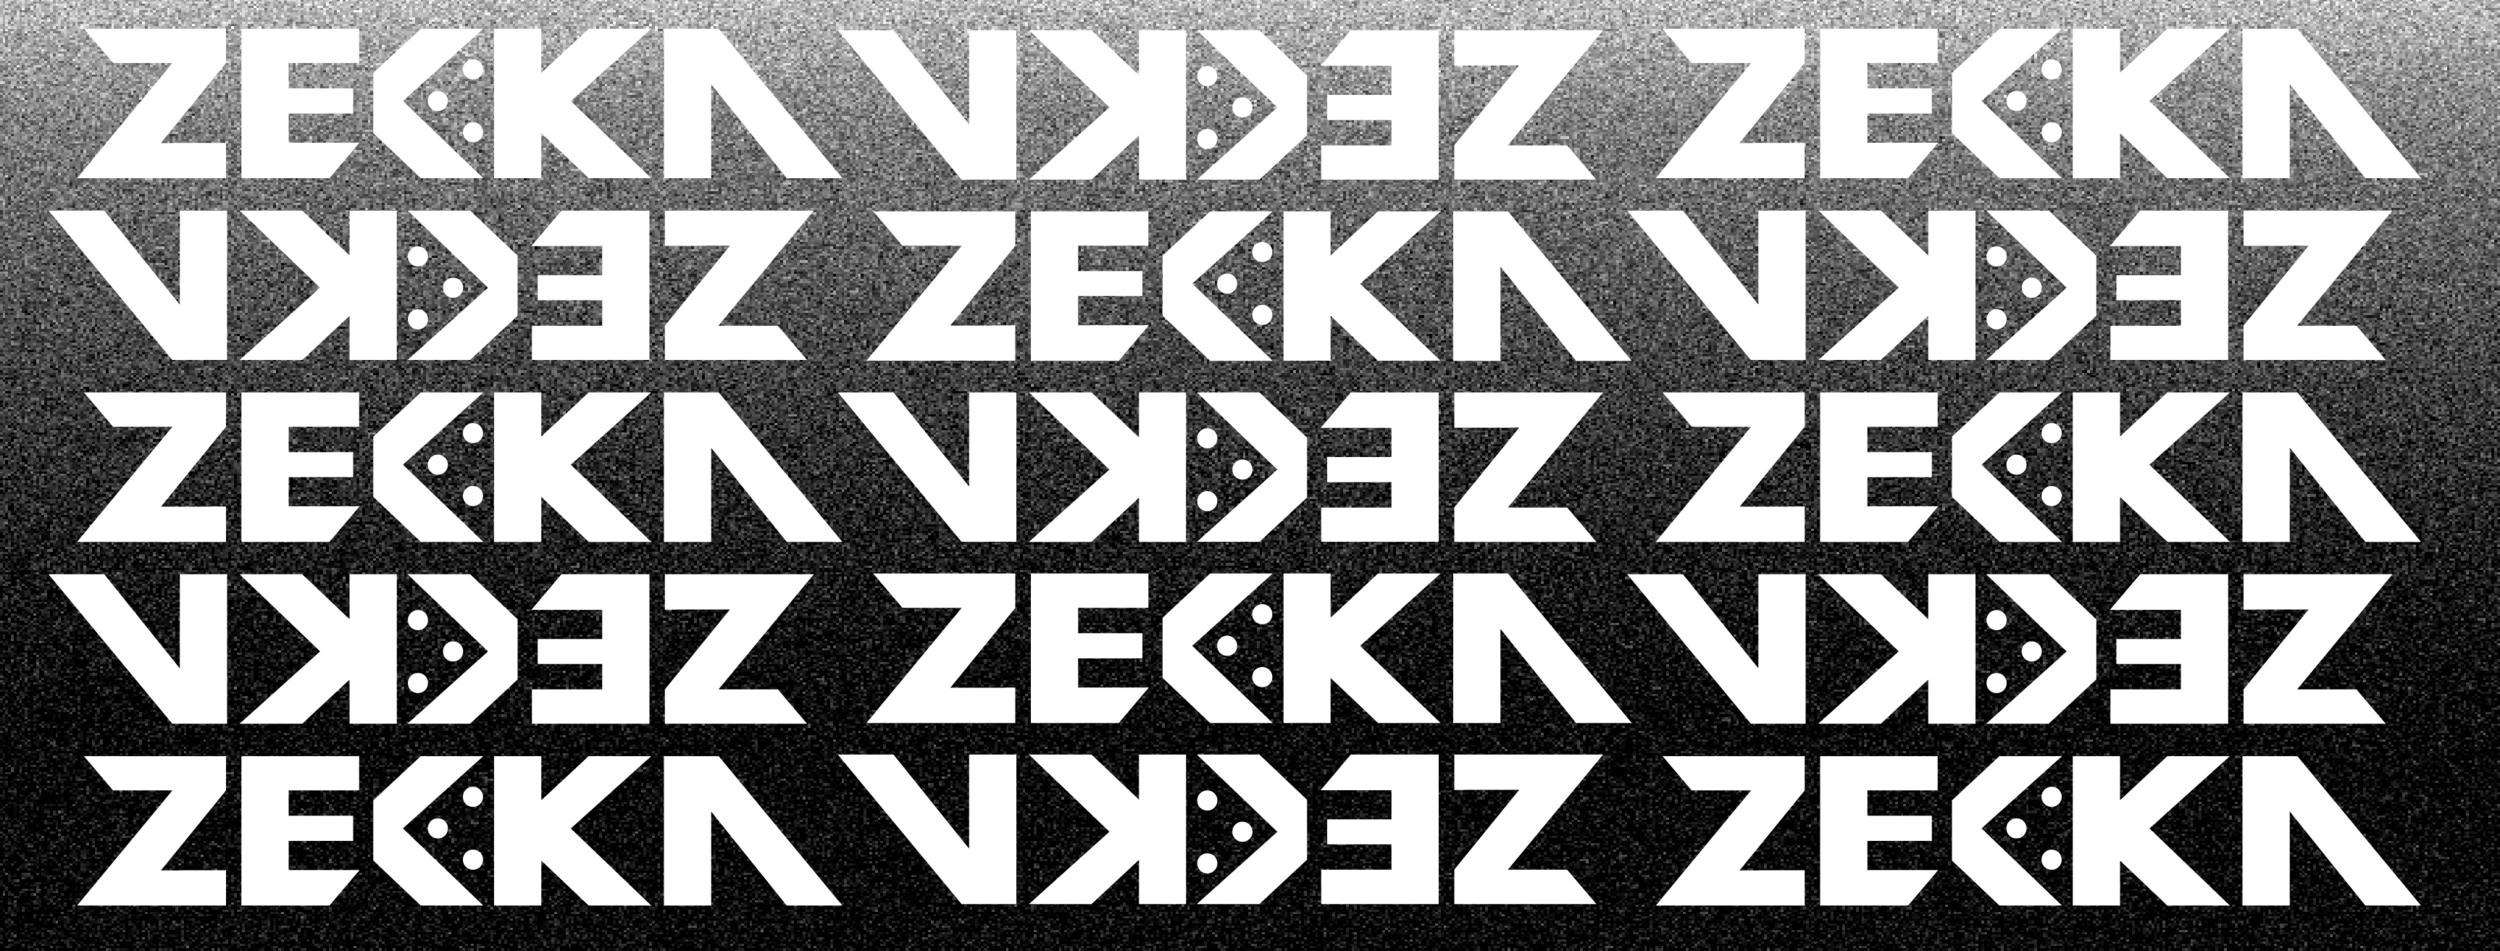 ZEKKA_180504-08.png